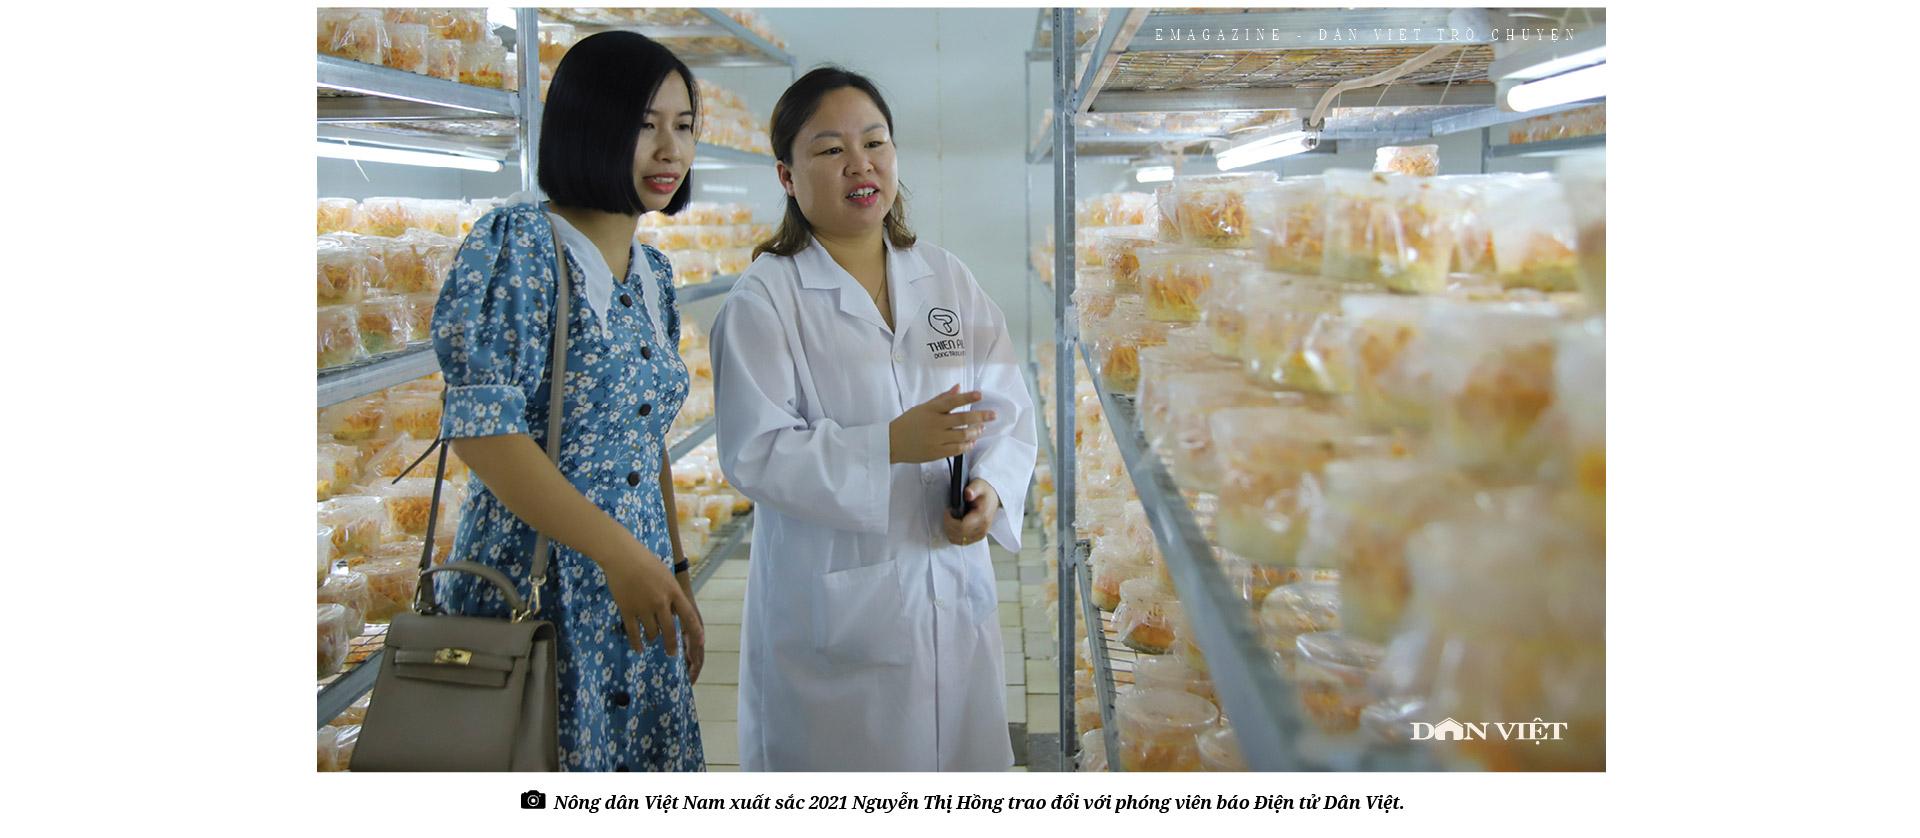 """Tỷ phú Nông dân Việt Nam xuất sắc 2021 Nguyễn Thị Hồng: Hành trình chinh phục  """"vàng mềm"""" siêu đắt đỏ  - Ảnh 1."""